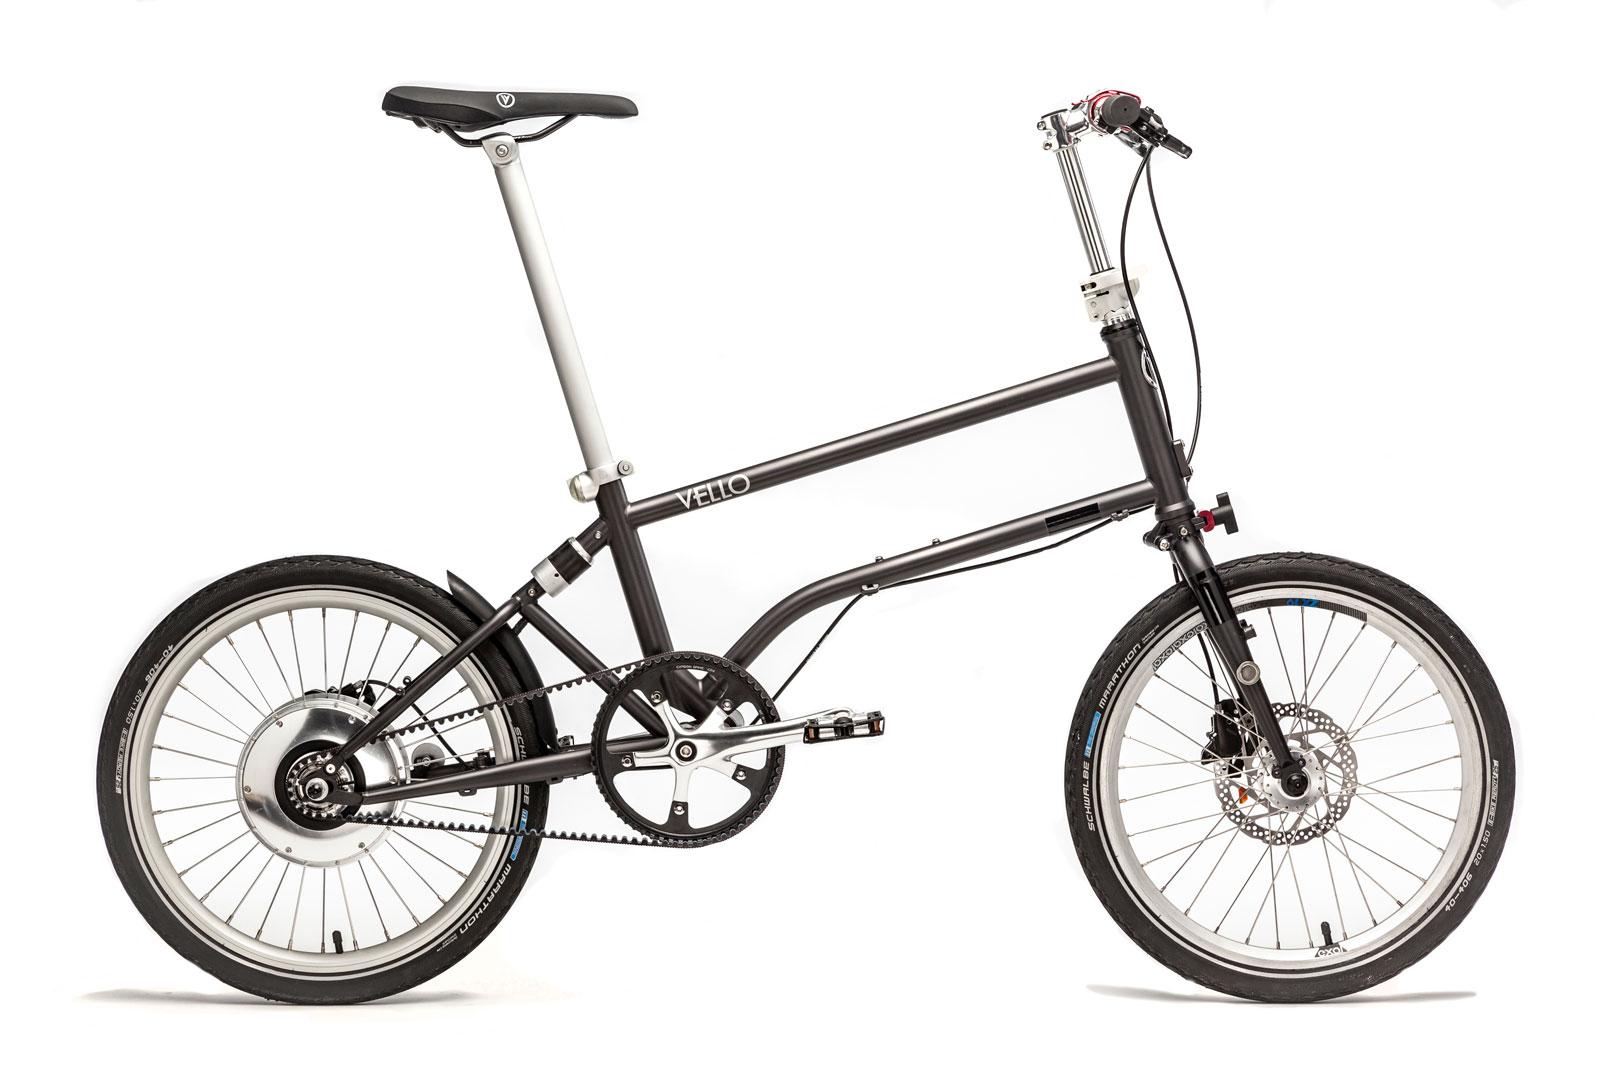 VELLO_Bike+_E-Bike_03